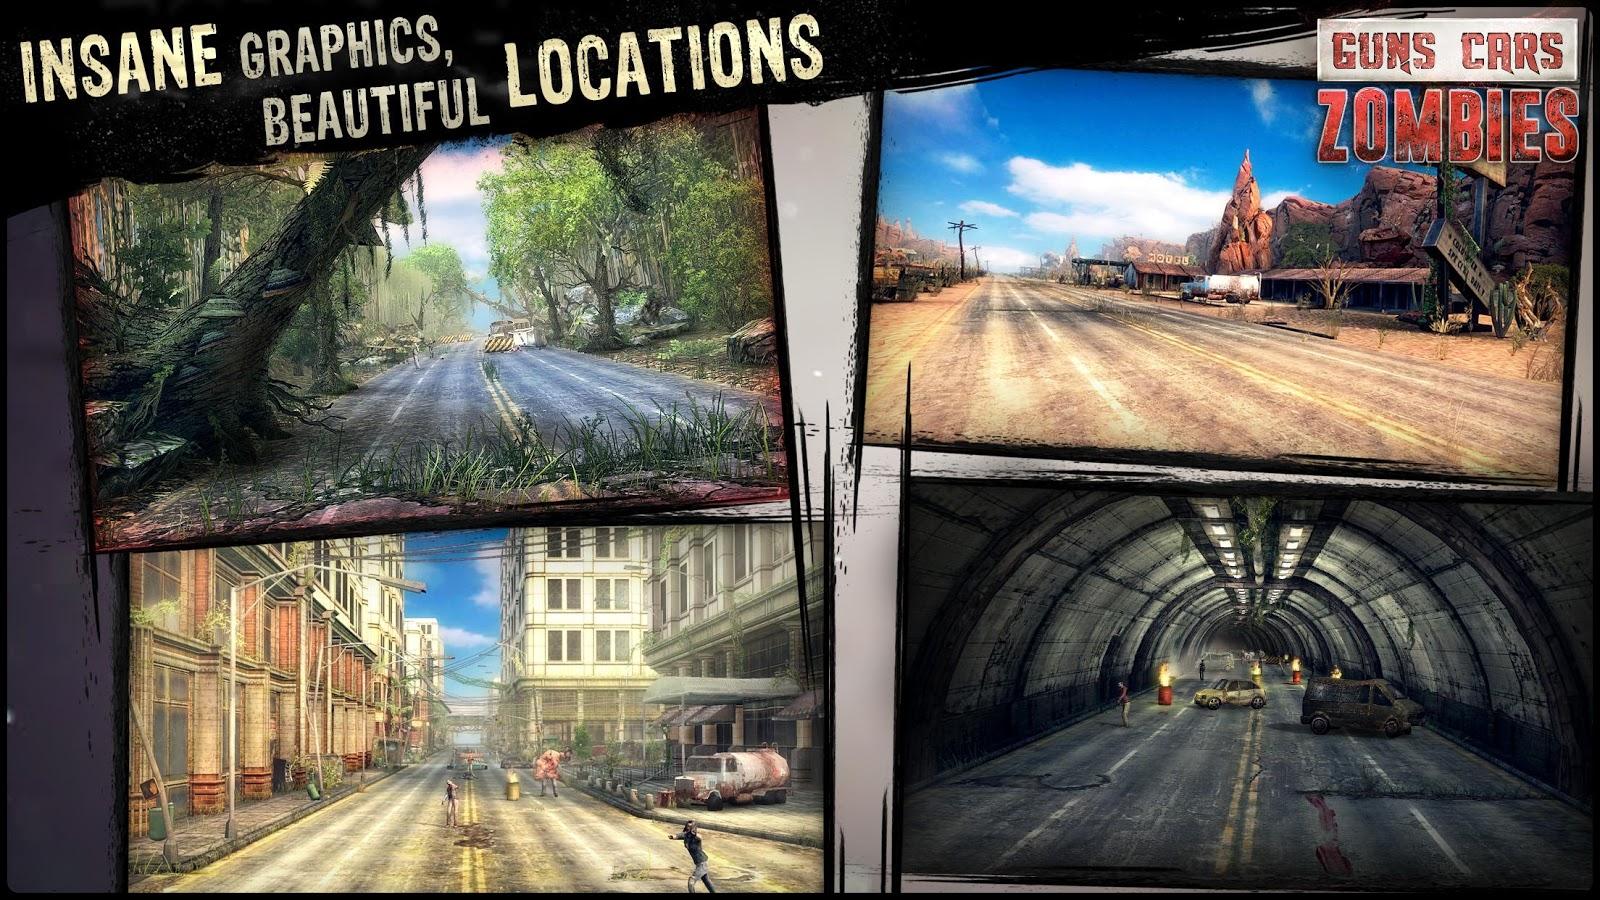 دانلود Guns, Cars, Zombies 3.1.6 - بازی اکشن بی نظیر